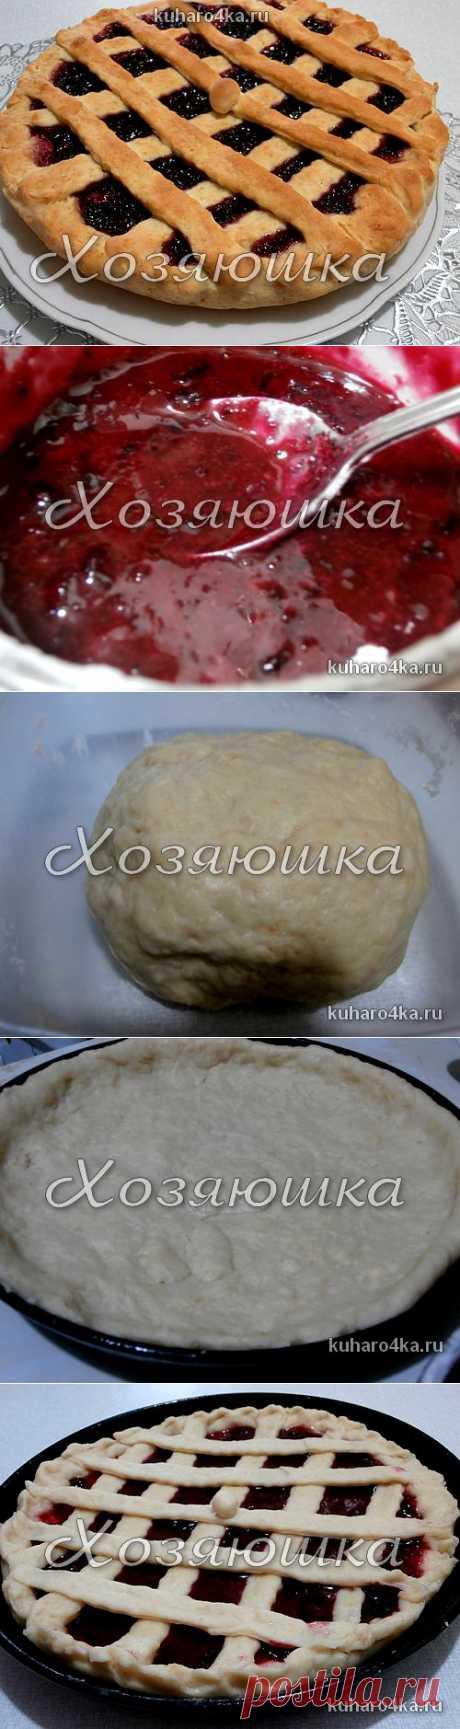 La ama. ¡Comer es dado! - el pastel con la confitura de bezdrozhzhevogo del test